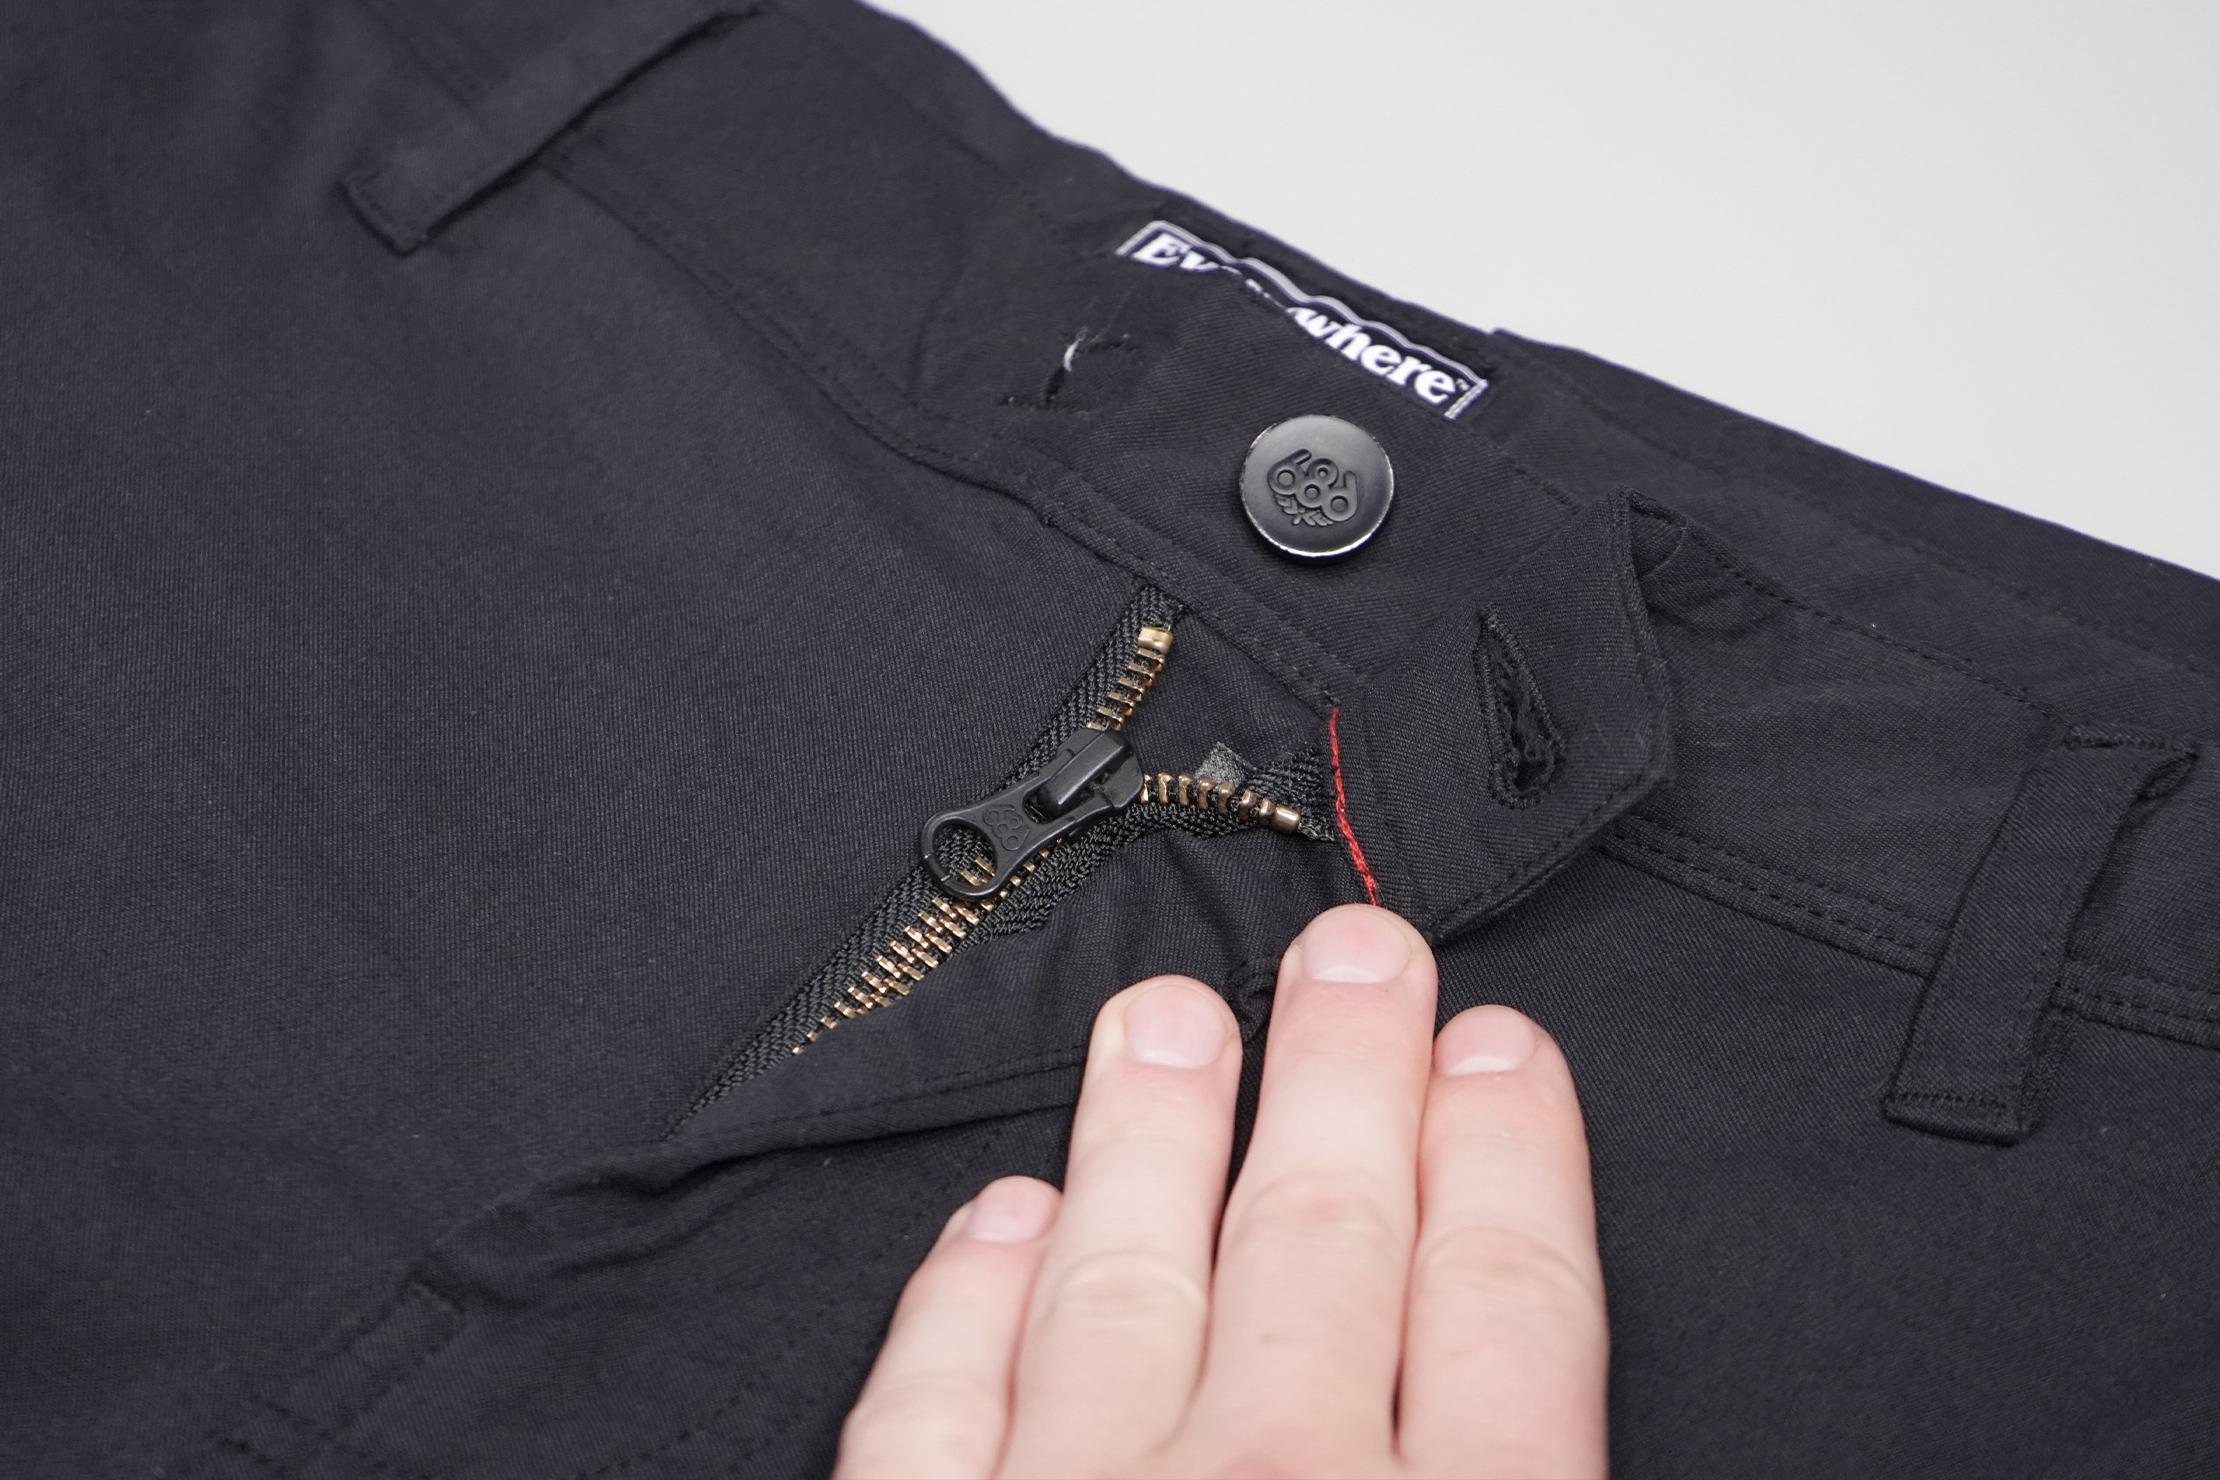 686 Everywhere Multi Pant Zipper